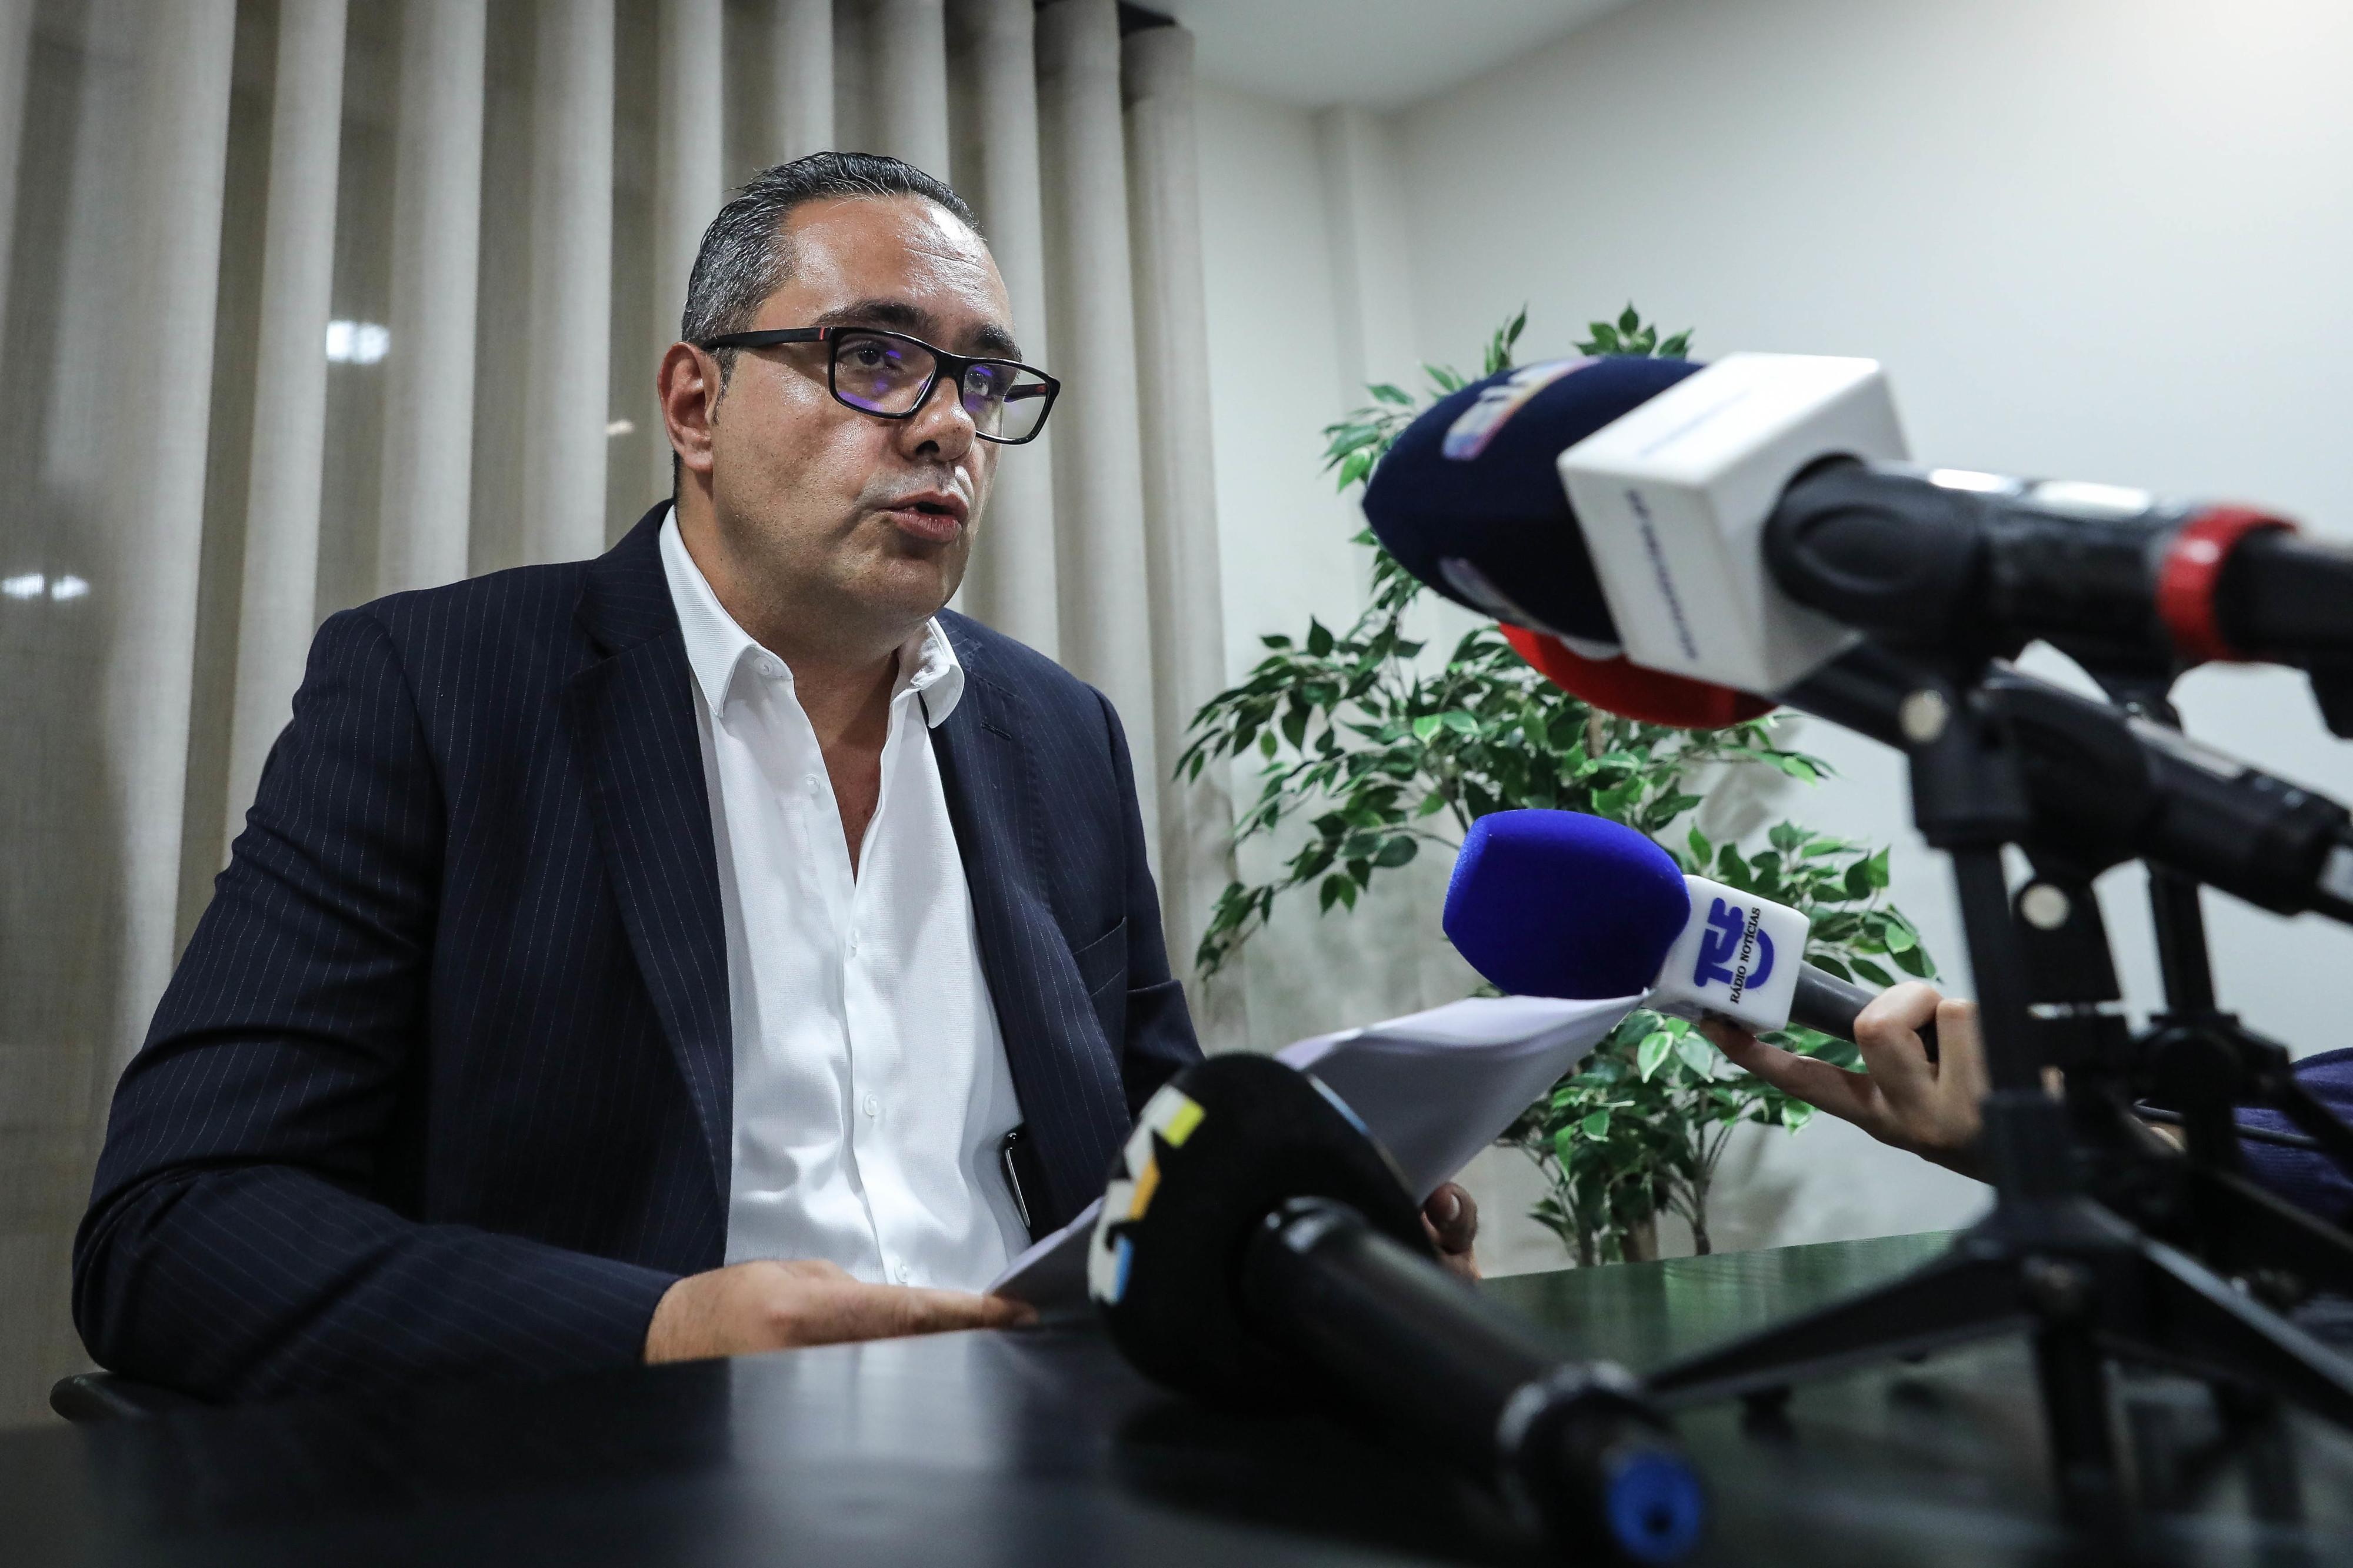 Sindicato admite recorrer à justiça para responsabilizar aqueles que violaram leis